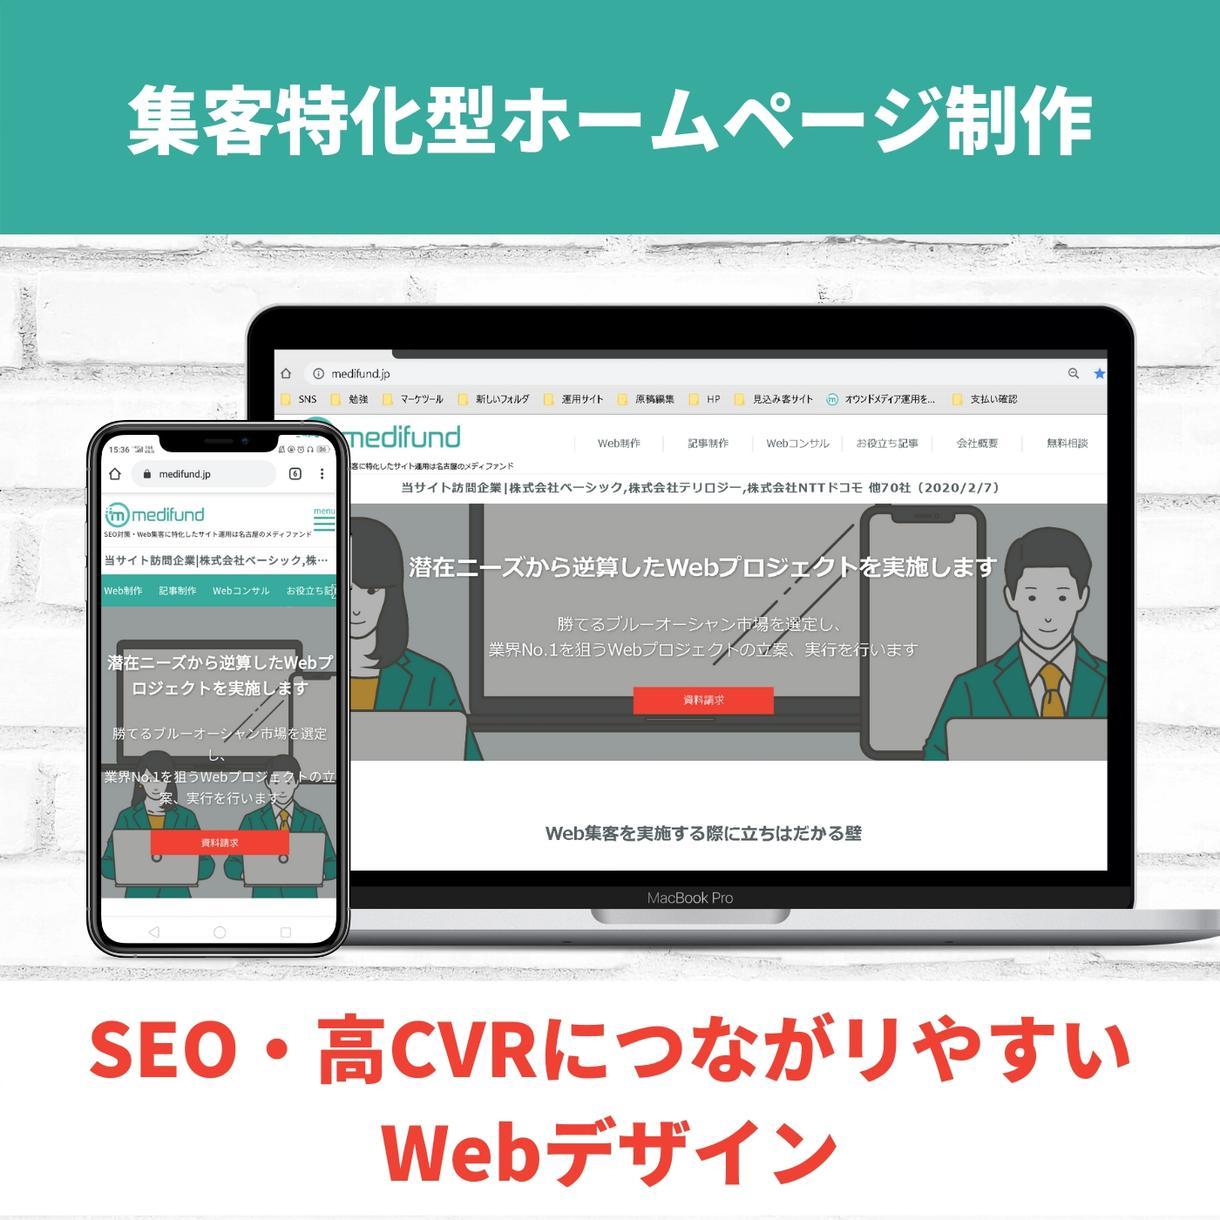 モニター7割引|検索上位獲得者がWeb制作します 検索上位表示と高成約率を狙ったおまかせデザインのホームページ イメージ1